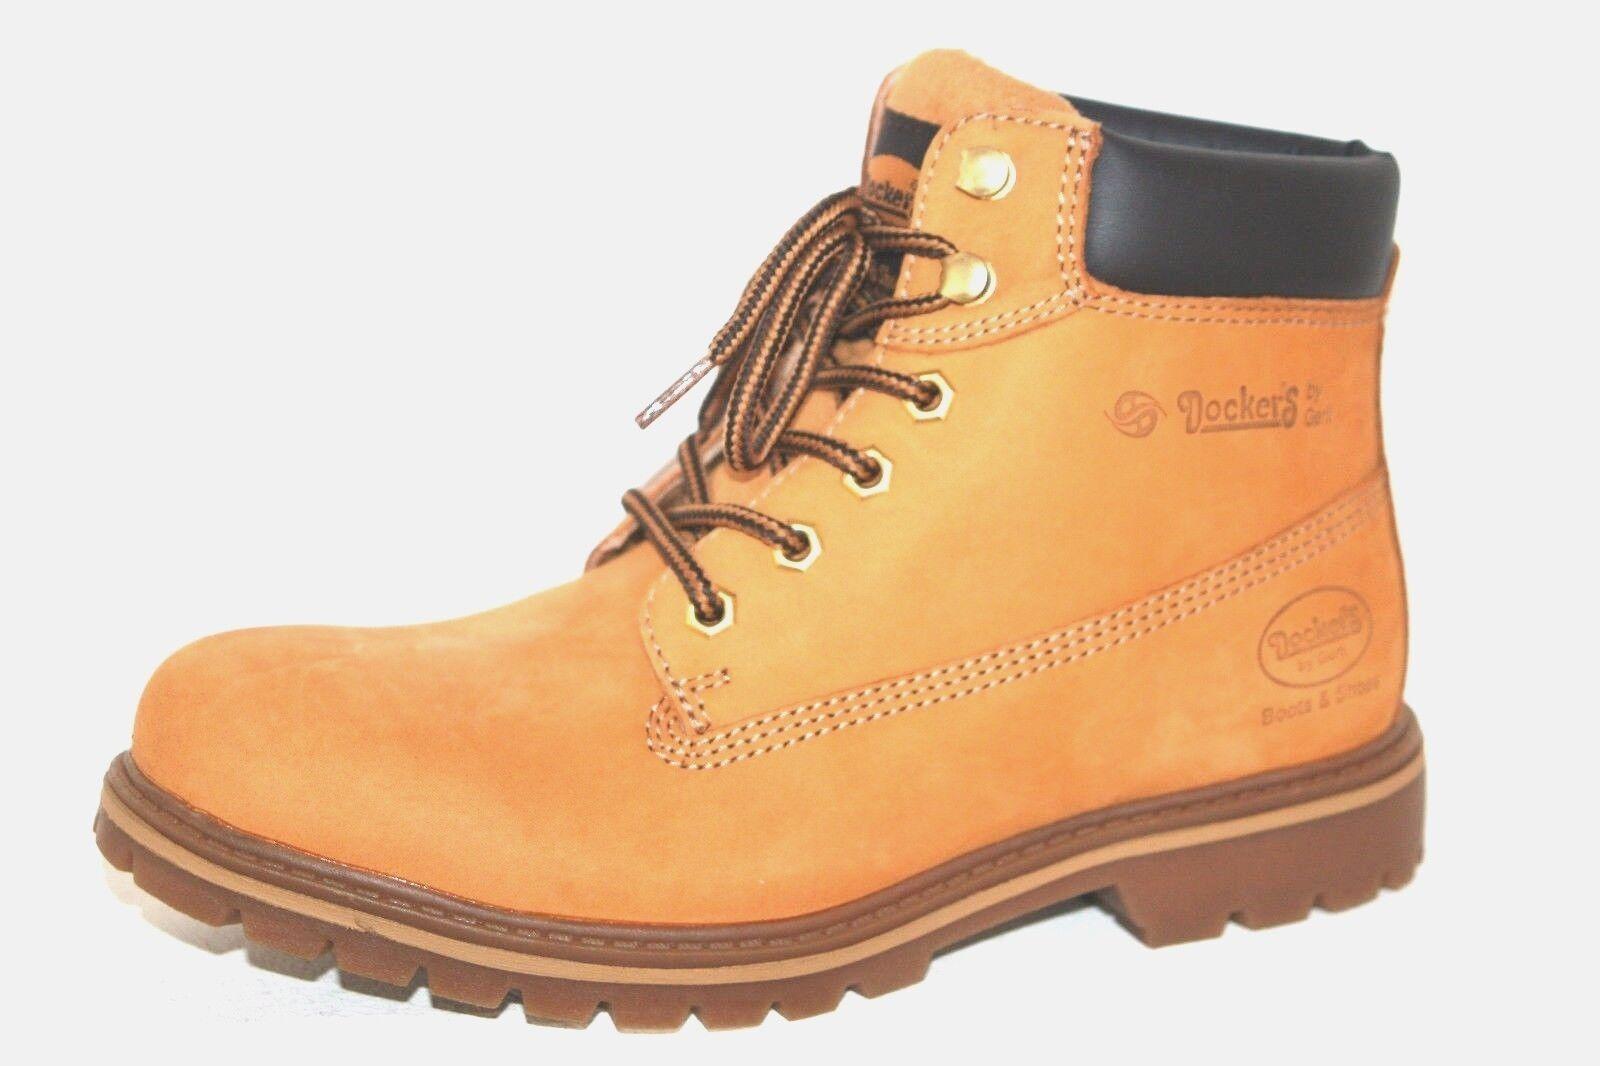 Dockers Boots Herren Stiefel Bergsteigerstiefel  Schuhe Leder beige gold